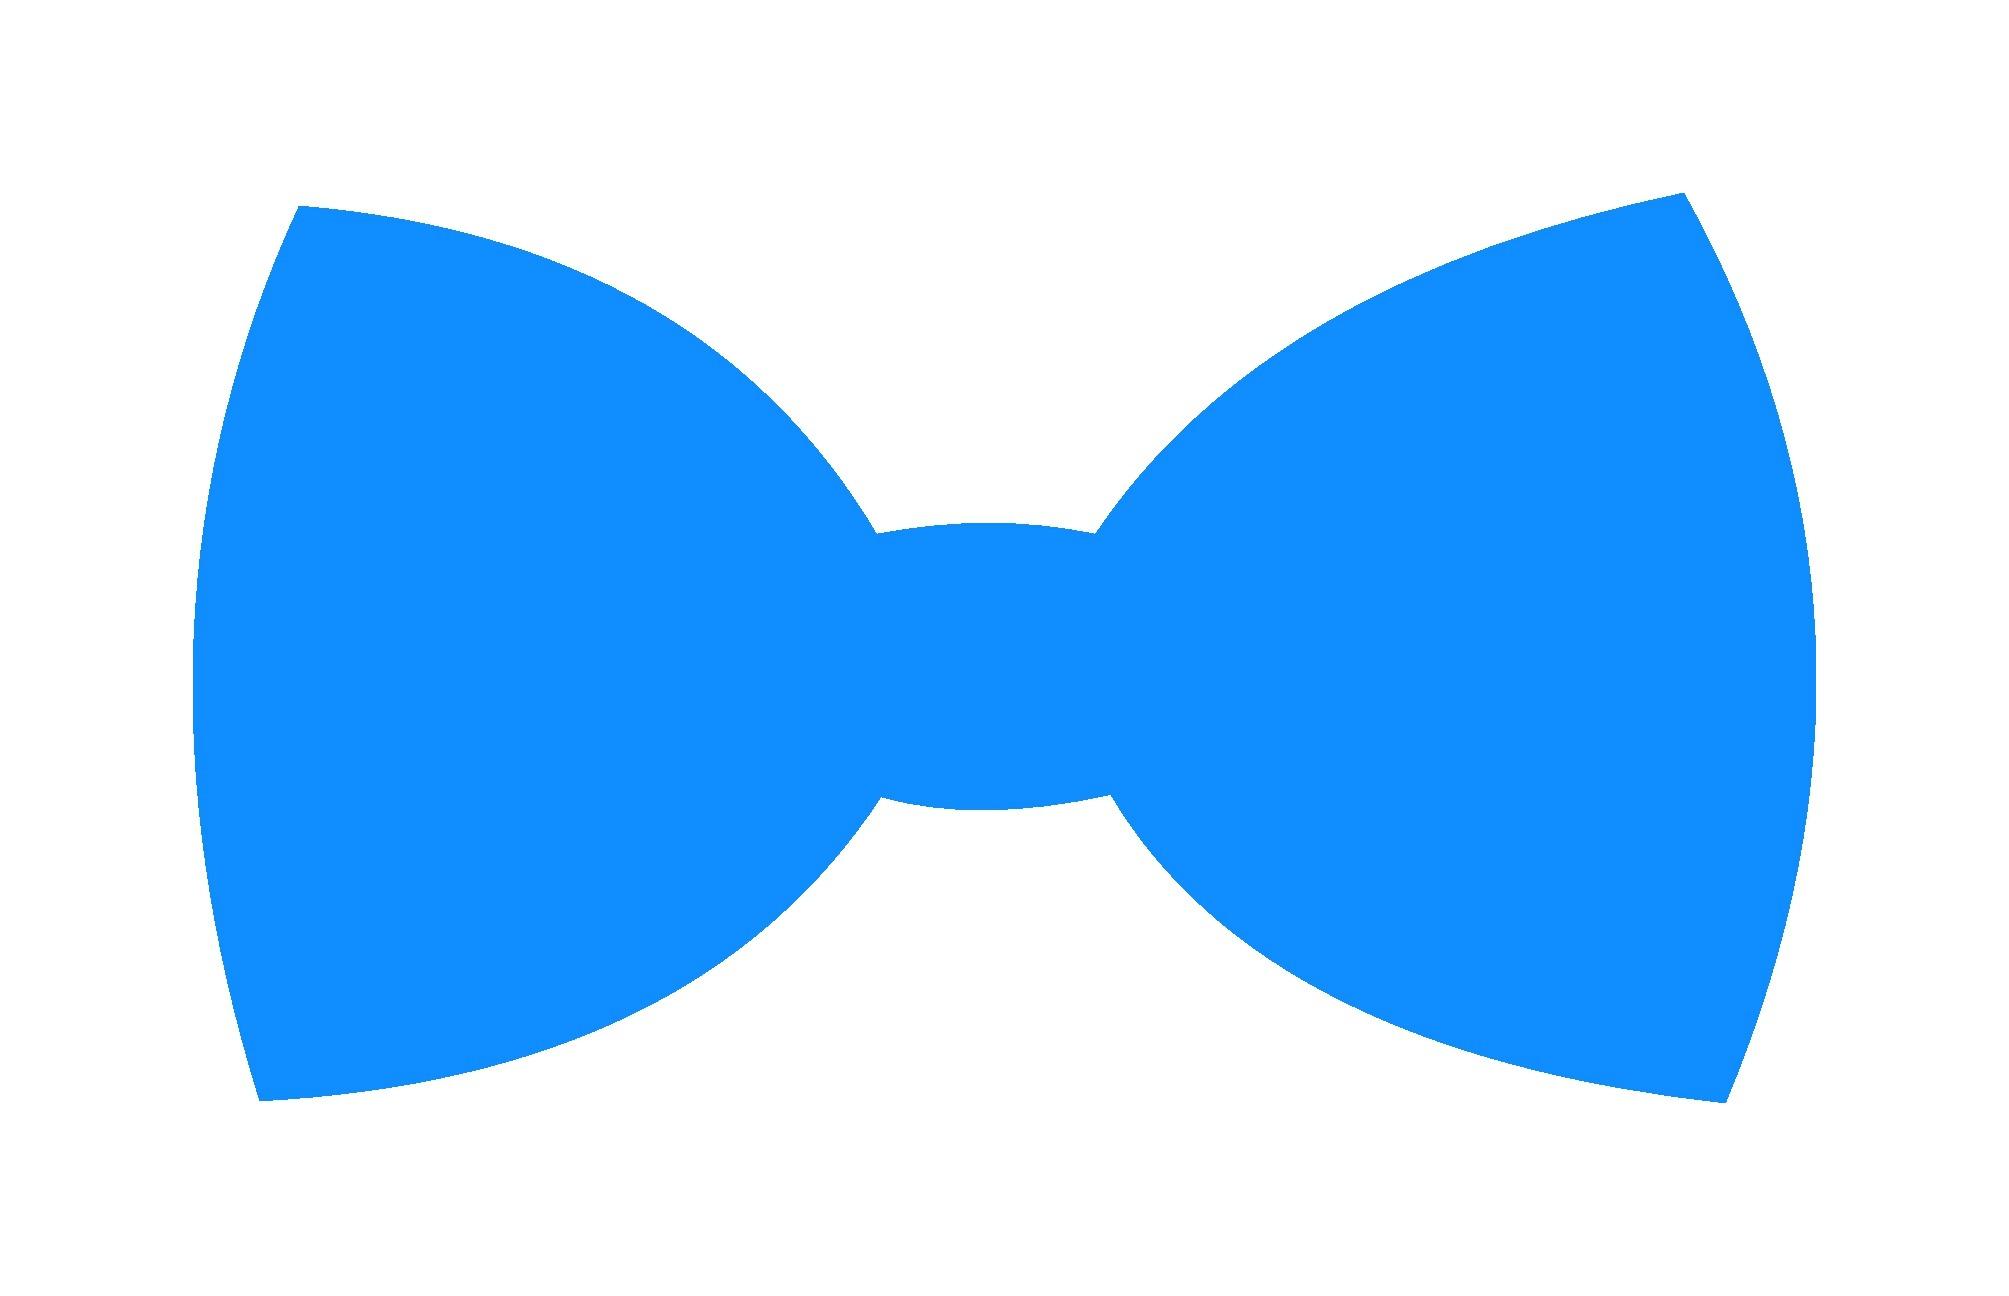 2009x1296 58 Bow Tie Blue, Blue Bow Tie Clip Art Blue Bow Tie Image